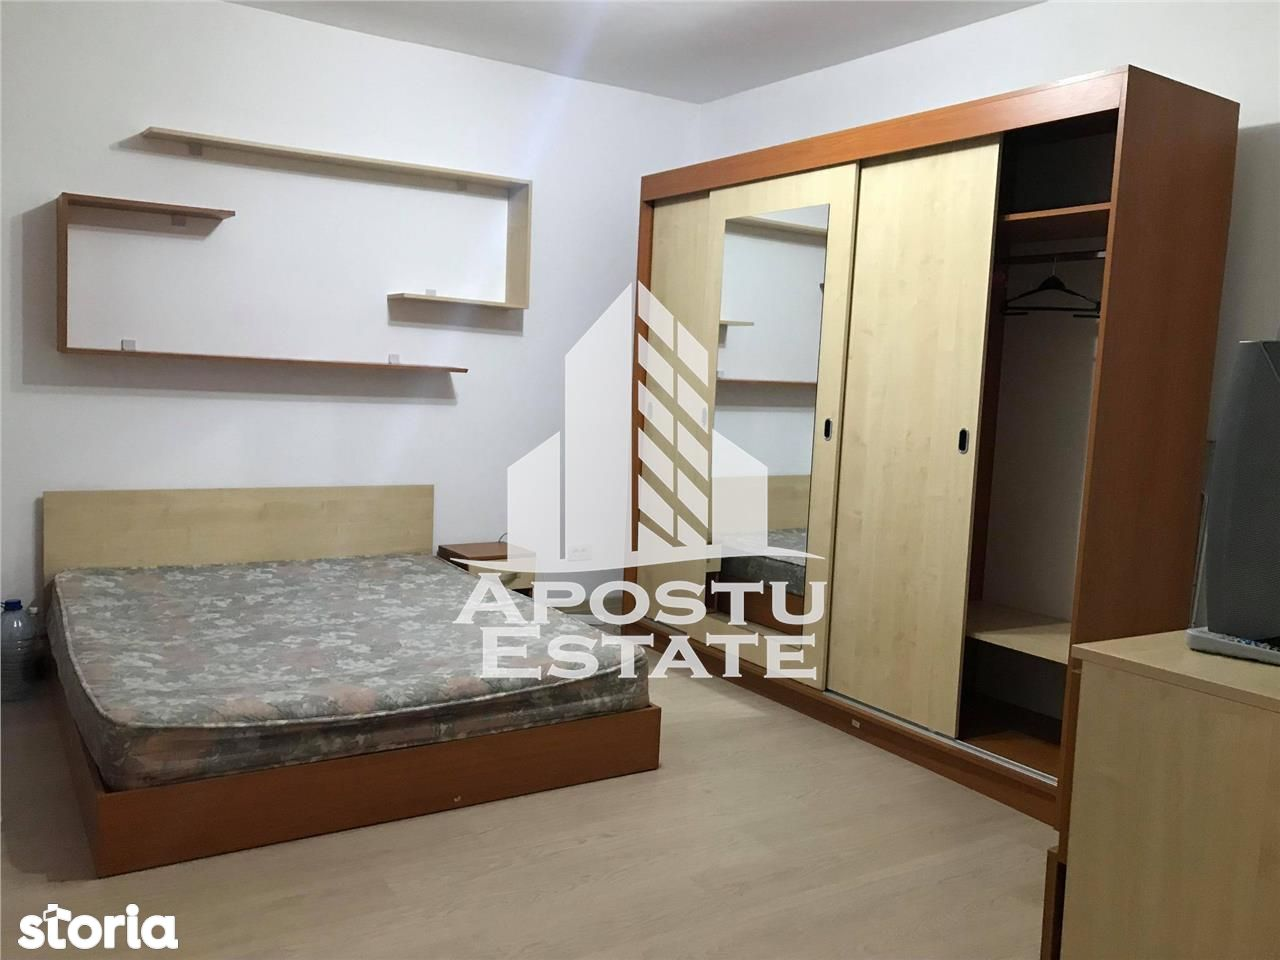 Apartament cu 1 camera, CENTRALA PROPRIE, in zona Balcescu. disponibil